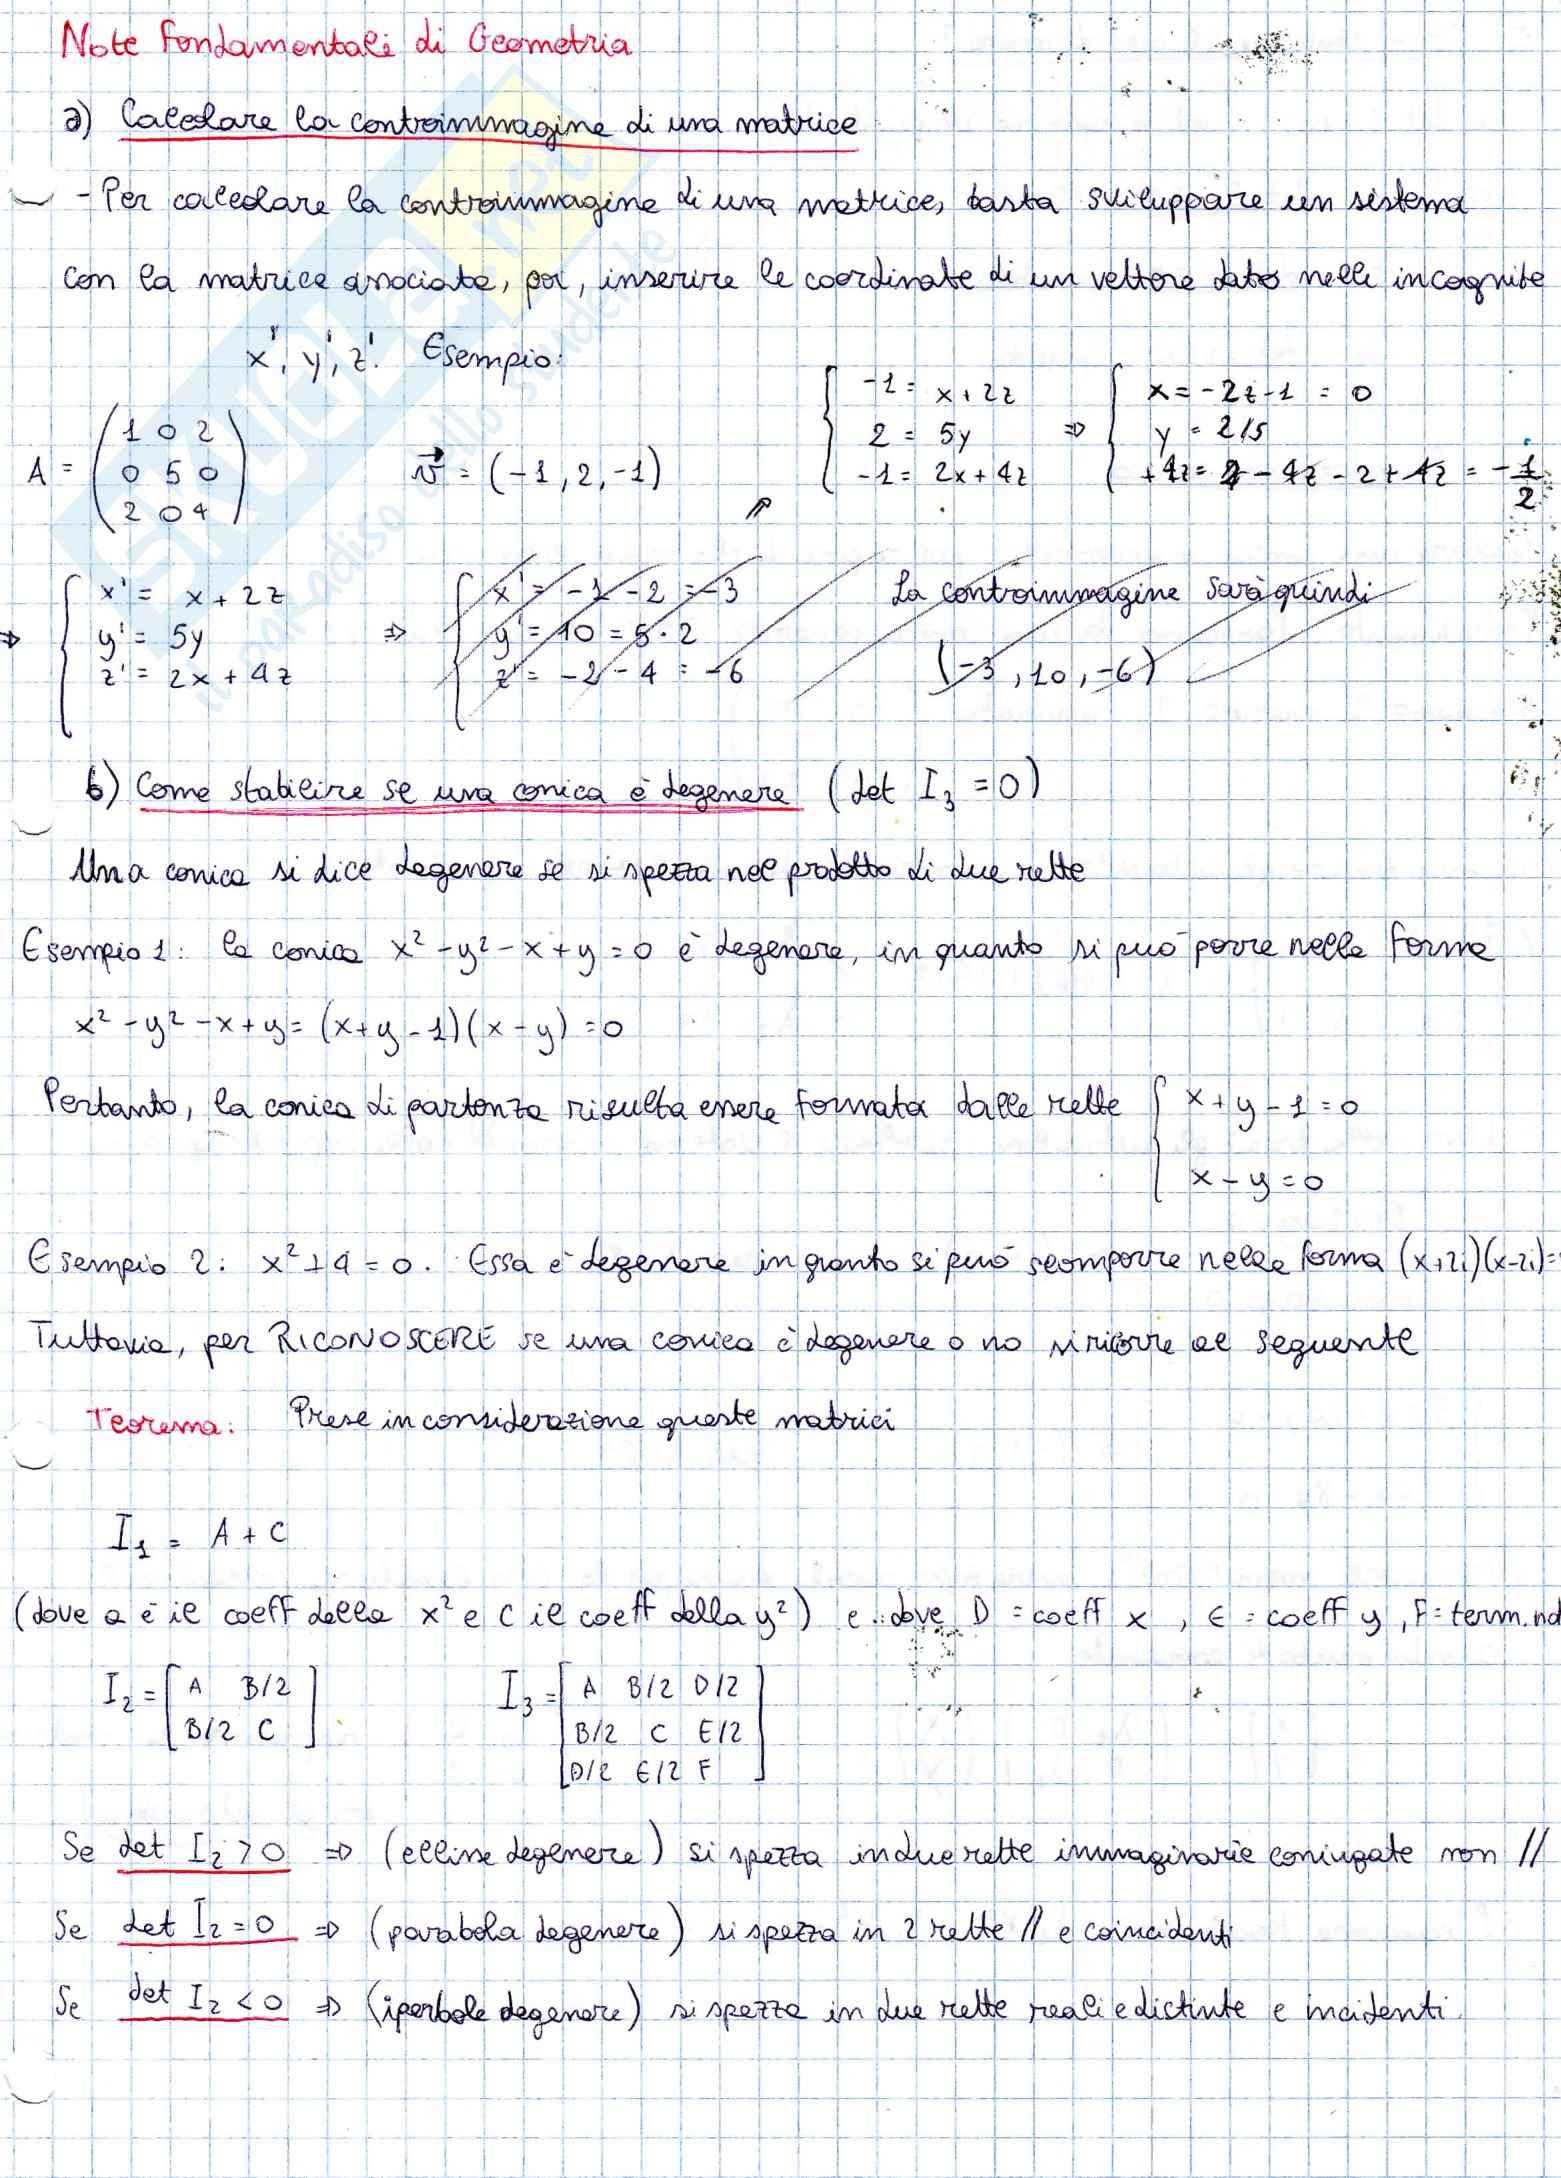 Geometria e algebra lineare - calcorale la controimmagine di una matrice